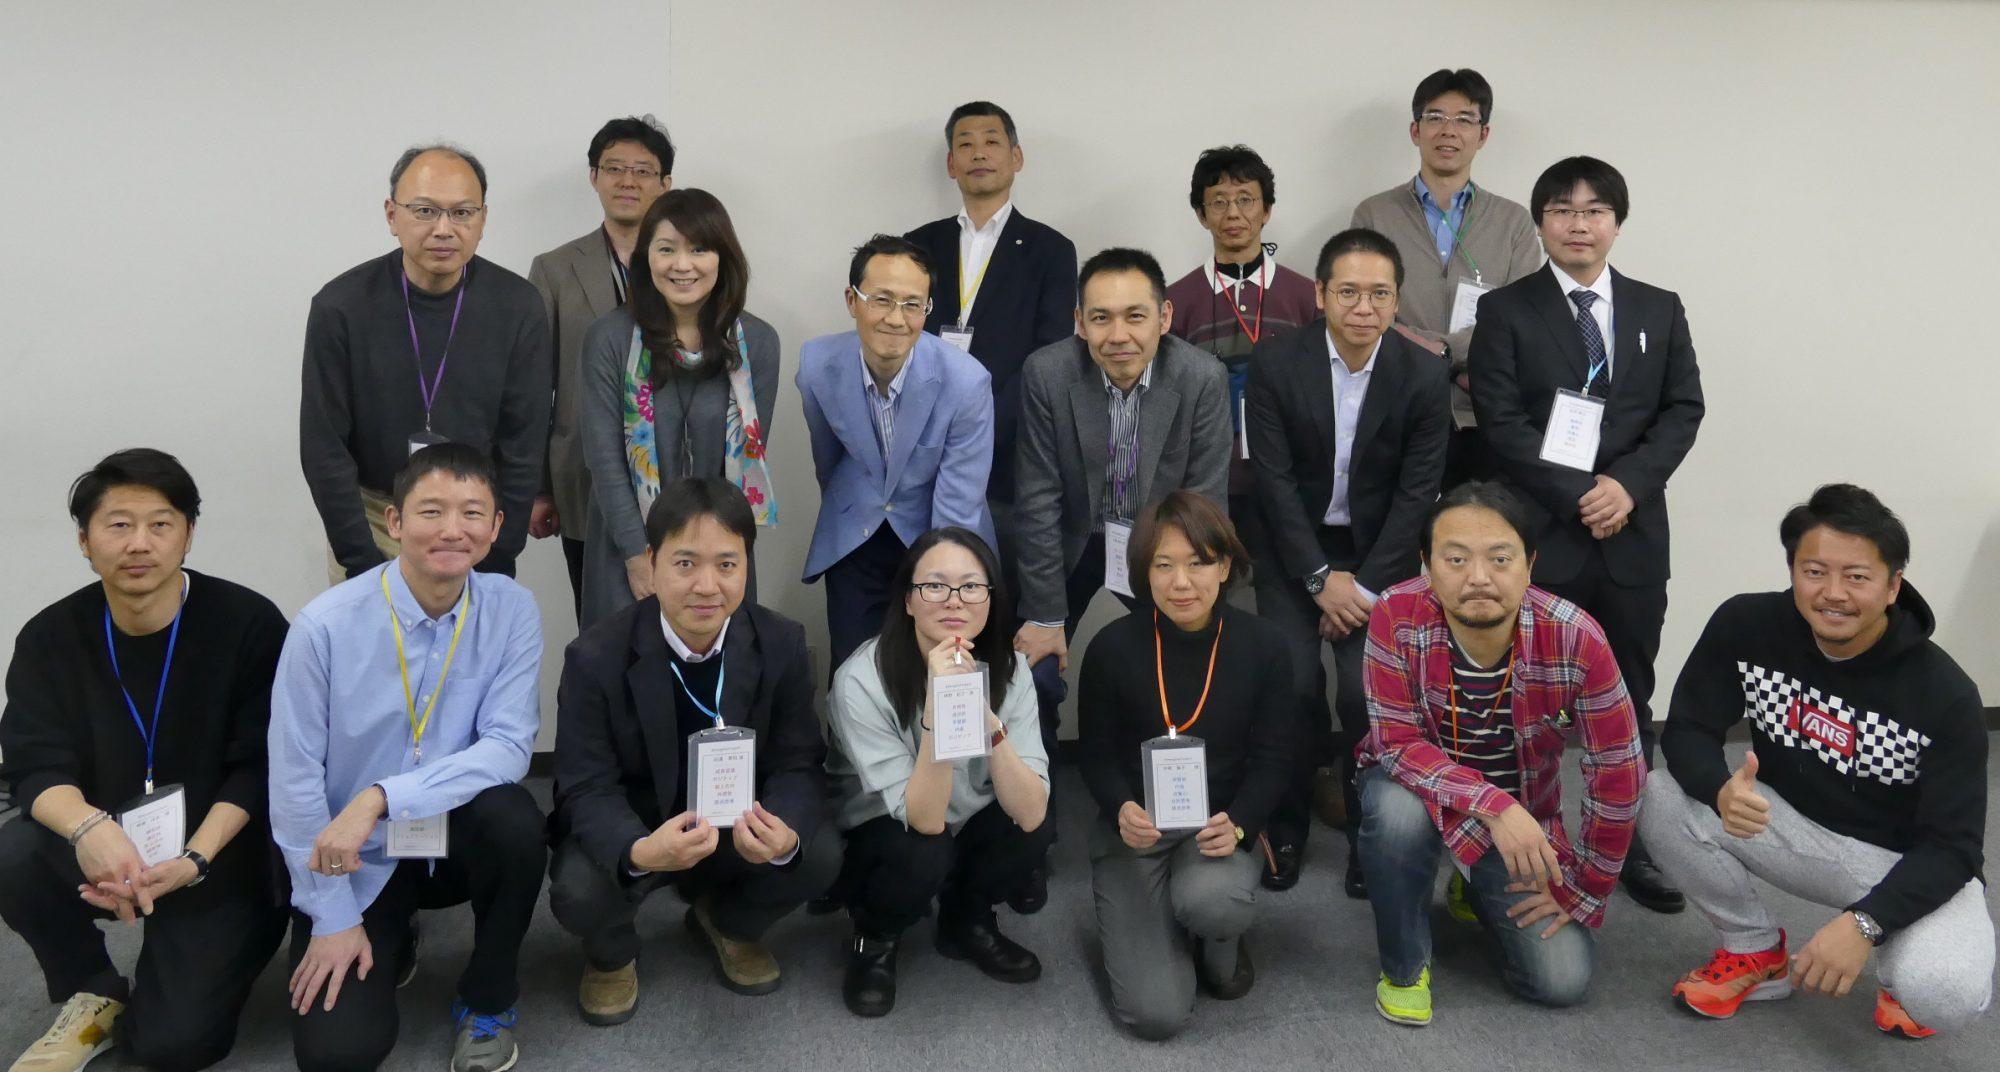 【終了御礼】新たな船出!!TL塾7期最終合宿報告レポート